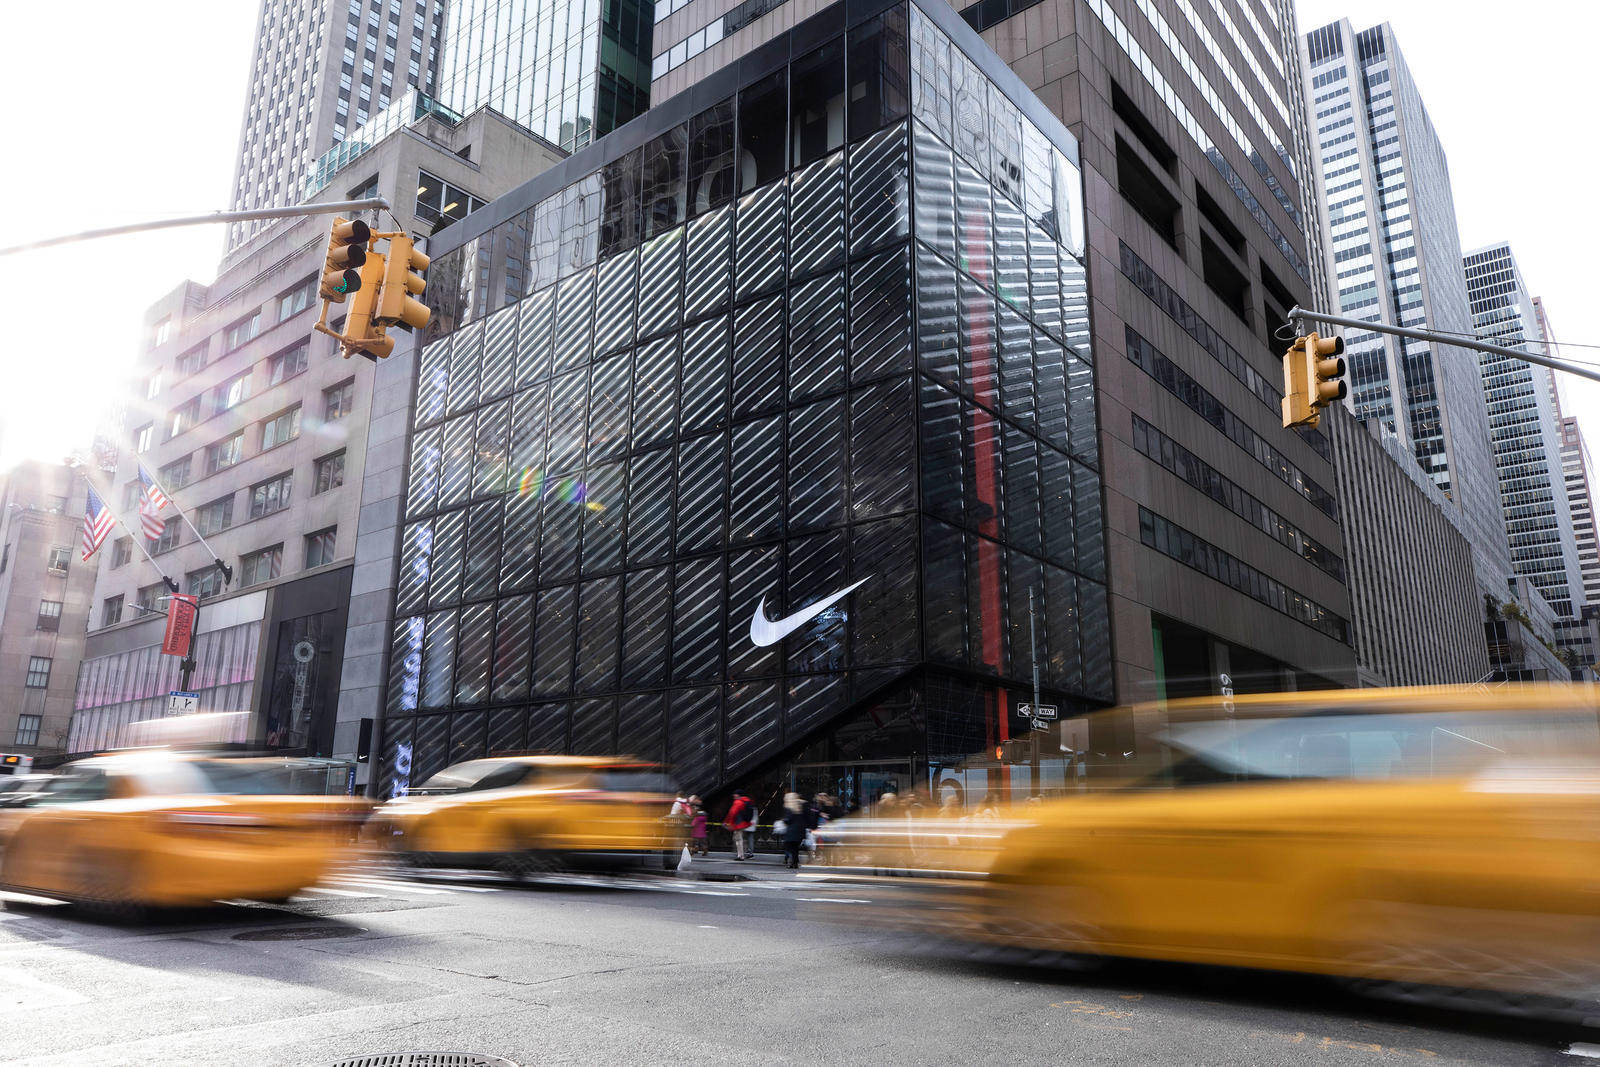 2020第二季度最热门时尚品牌榜单发布,榜一居然是Nike?